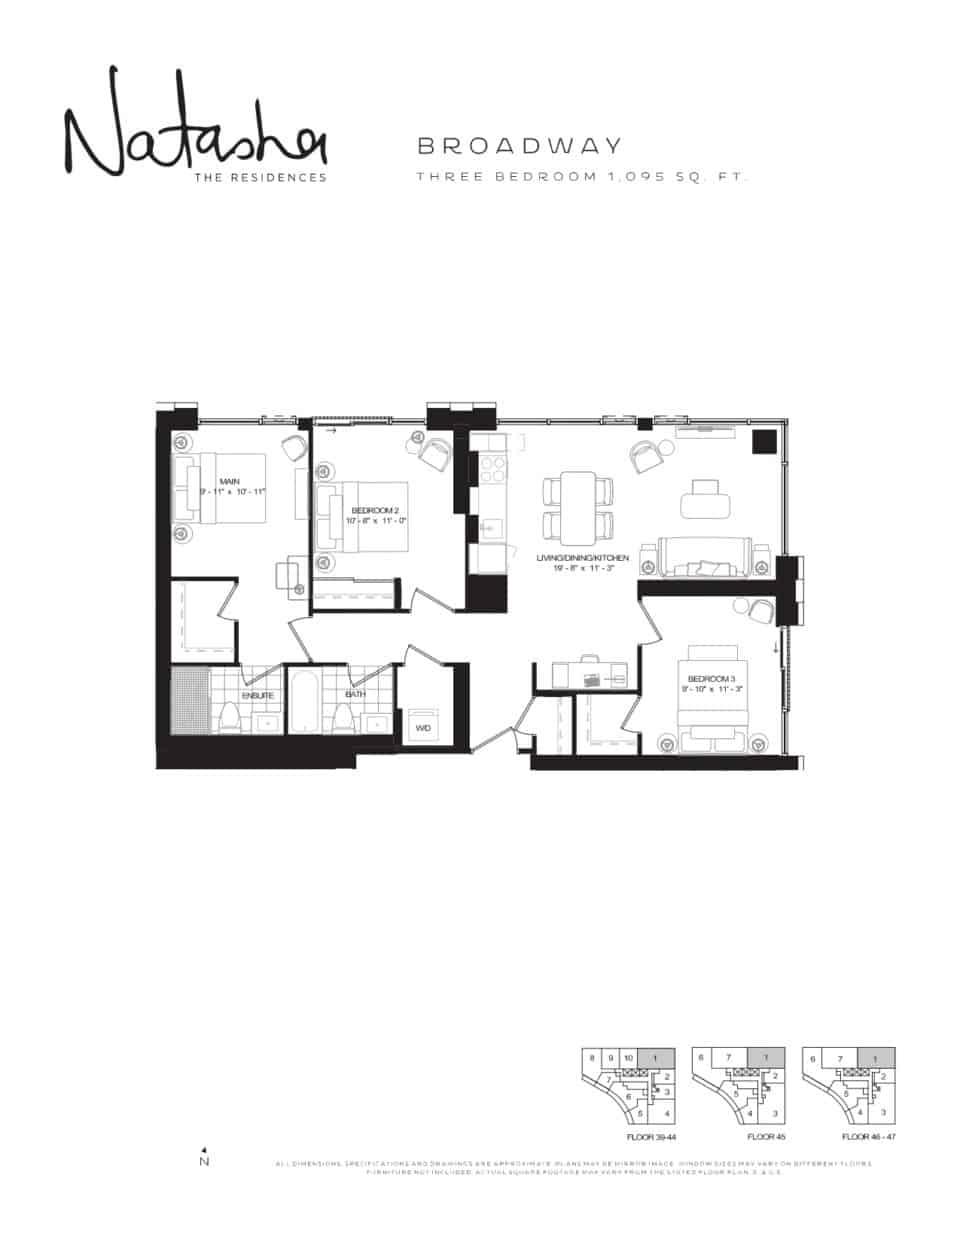 2021 09 02 11 01 58 natashatheresidences lanterradevelopments floorplans broadway